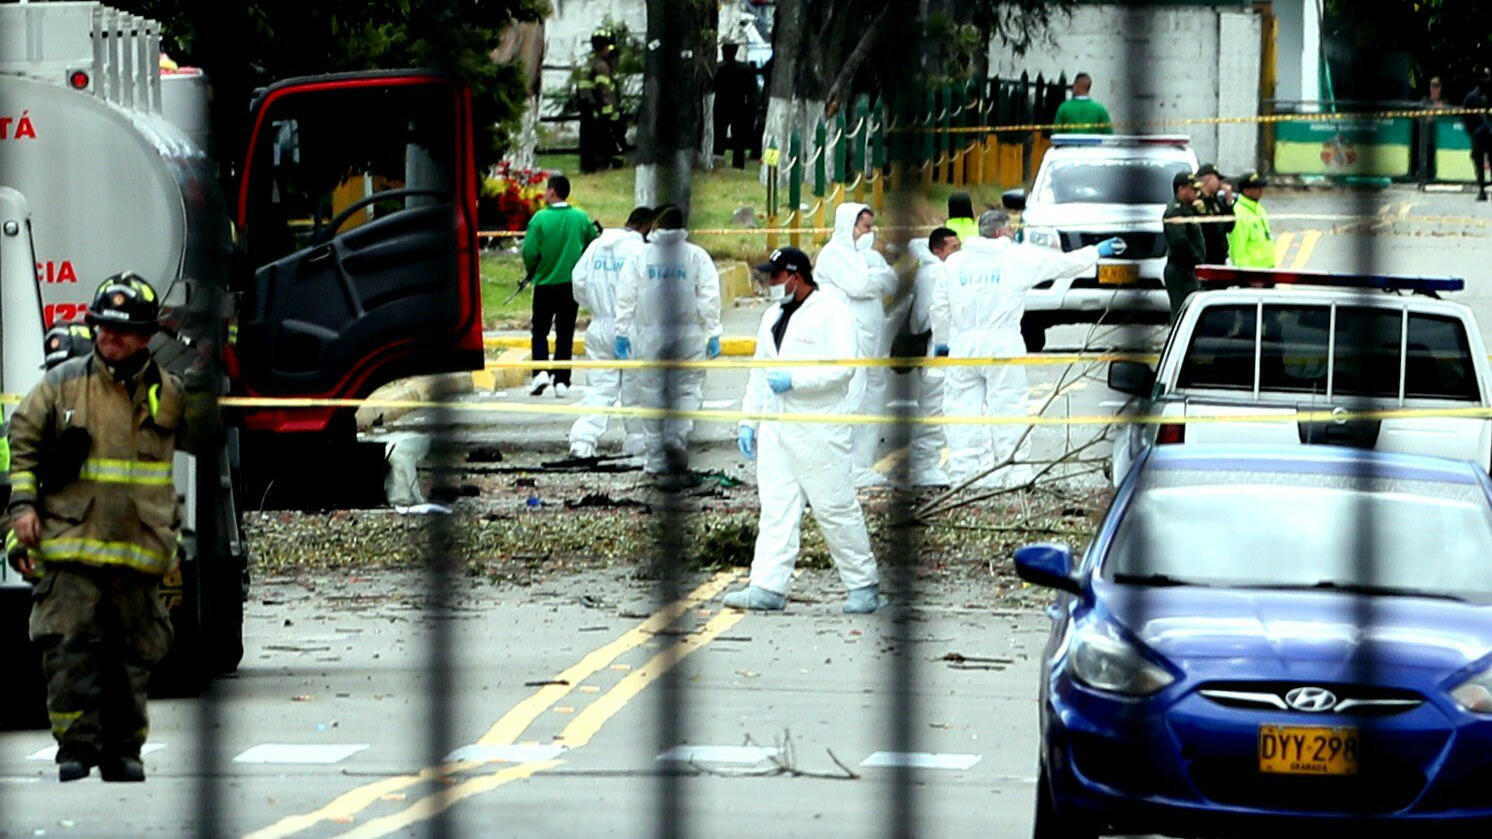 Escenario de los hechos tras la explosión de un carro bomba en la Escuela General Santander de la Policía en Bogotá, el jueves 17 de enero de 2019.